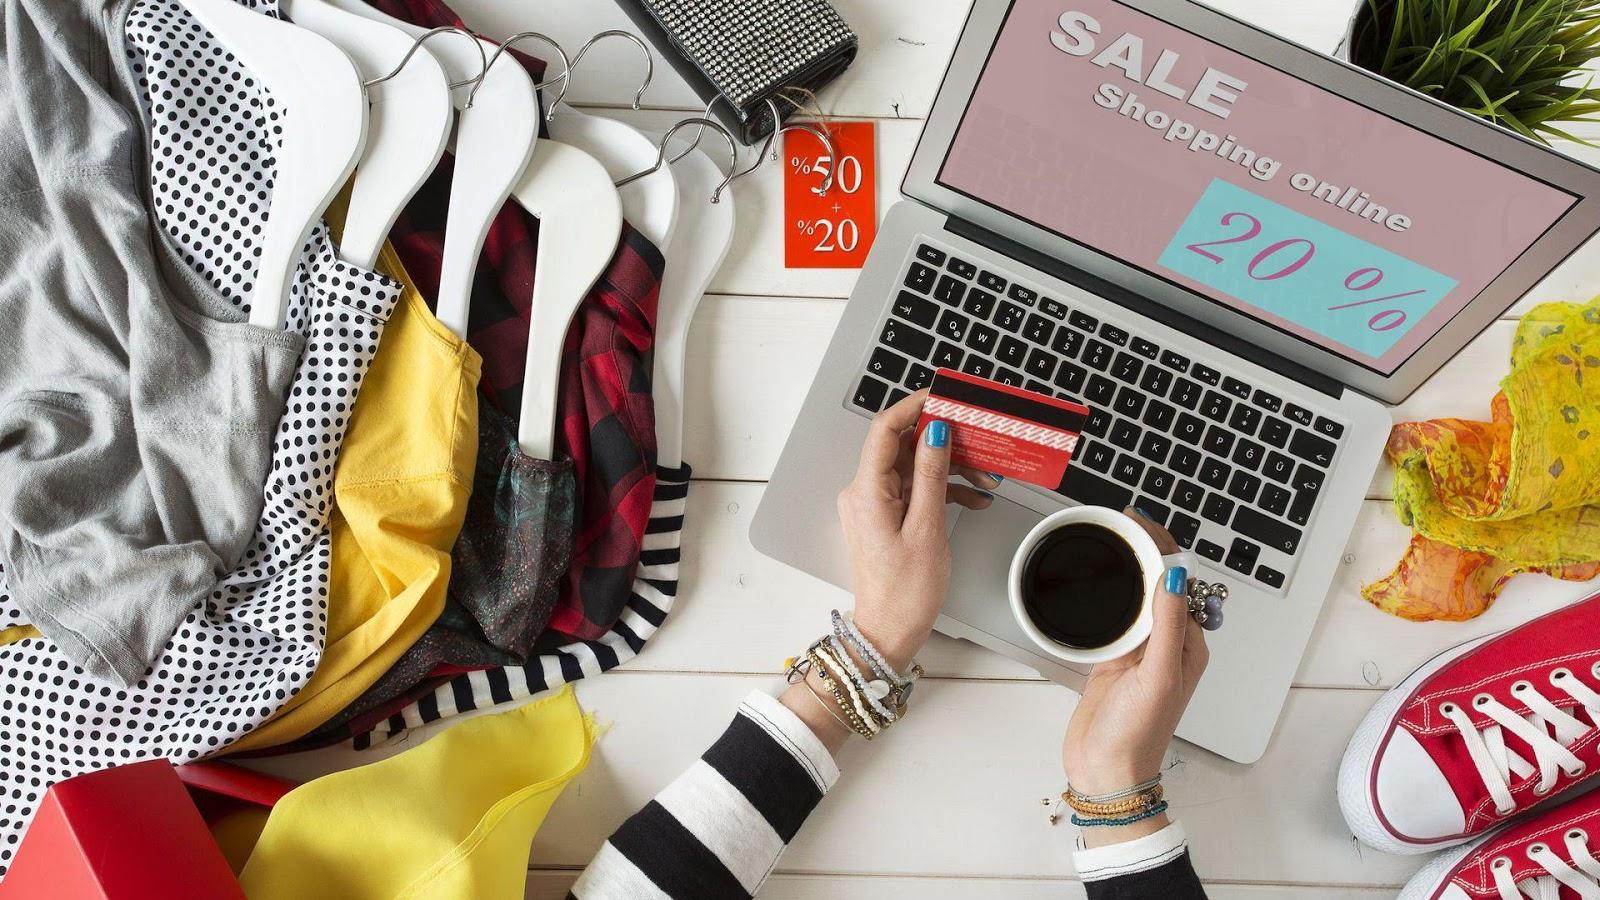 Безопасны ли покупки через интернет? Советы юриста.